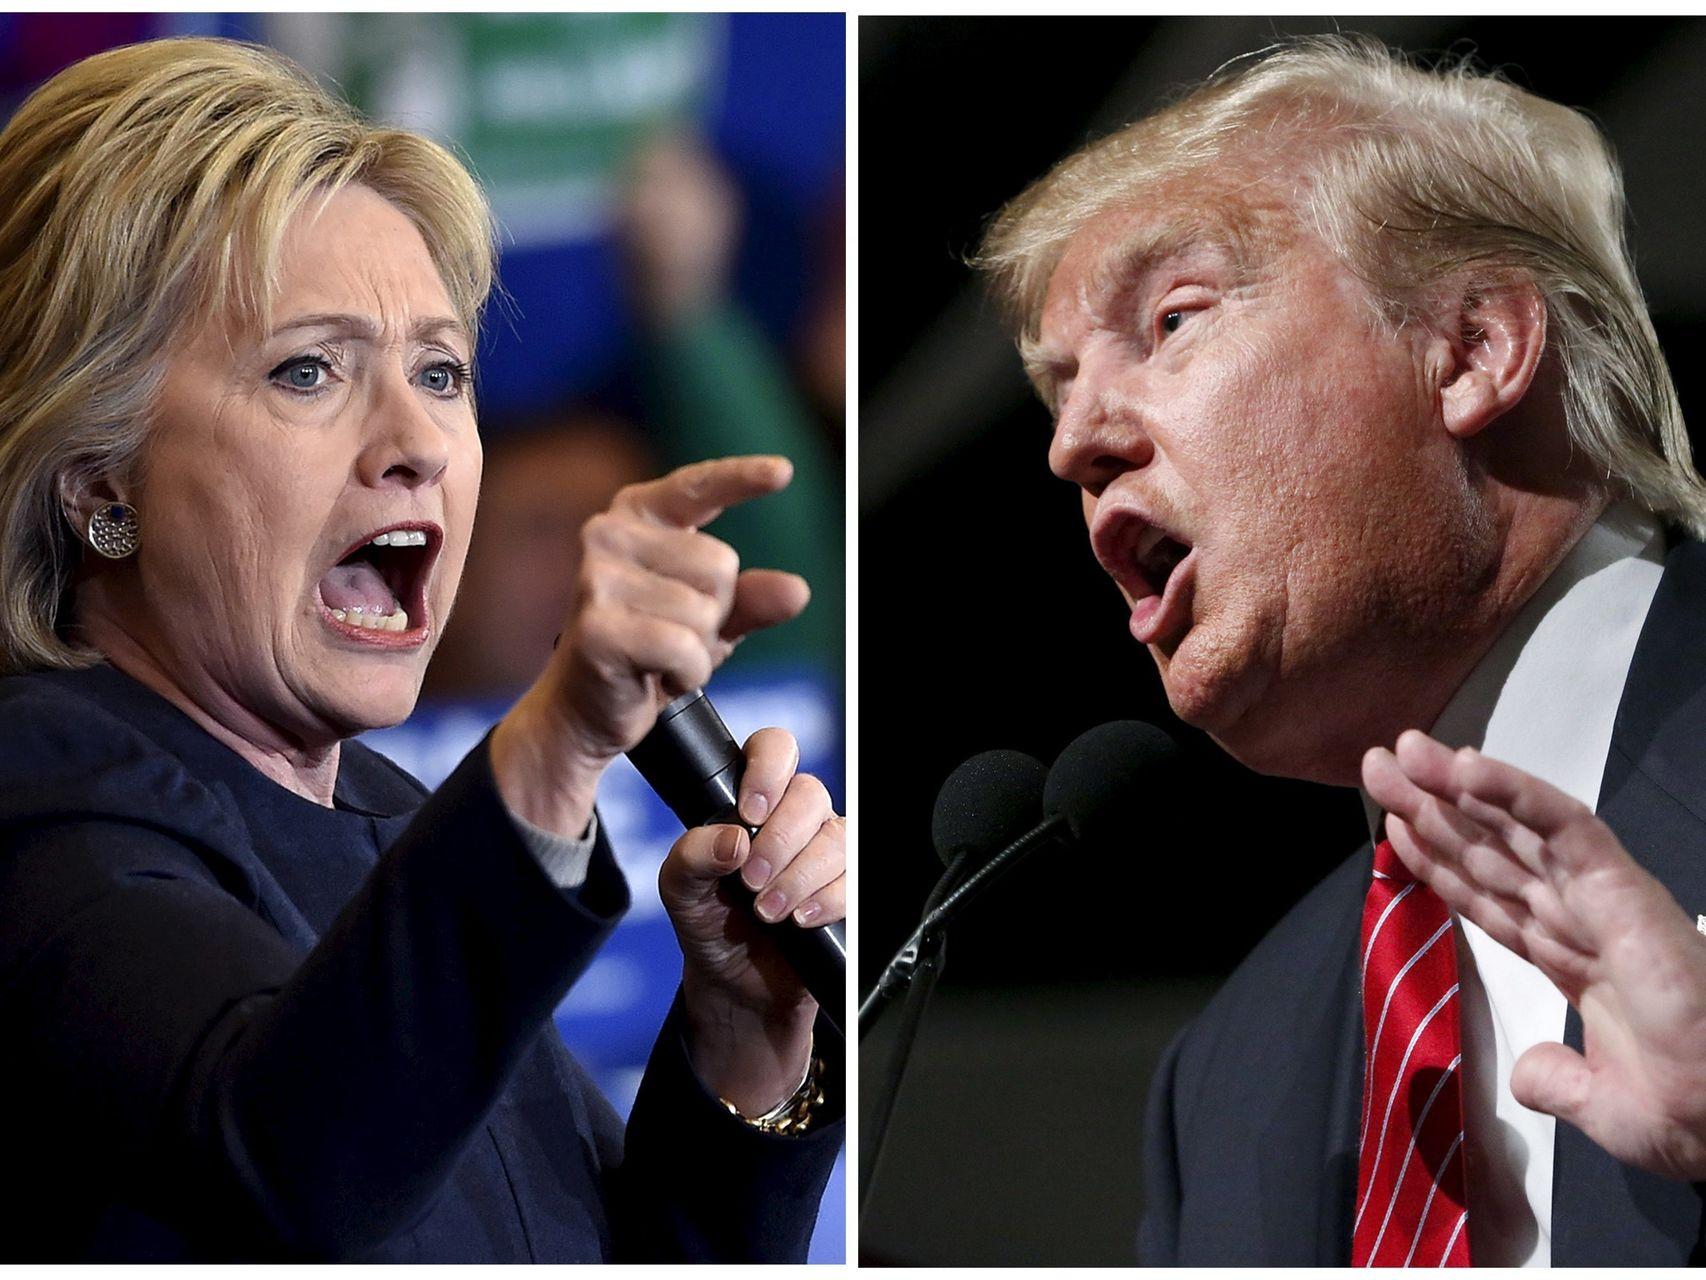 elecciones_ee-uu-_2016-donald_trump-hillary_clinton-elecciones_primarias-ted_cruz-bernie_sanders-mundo_110000592_2575008_1706x1280